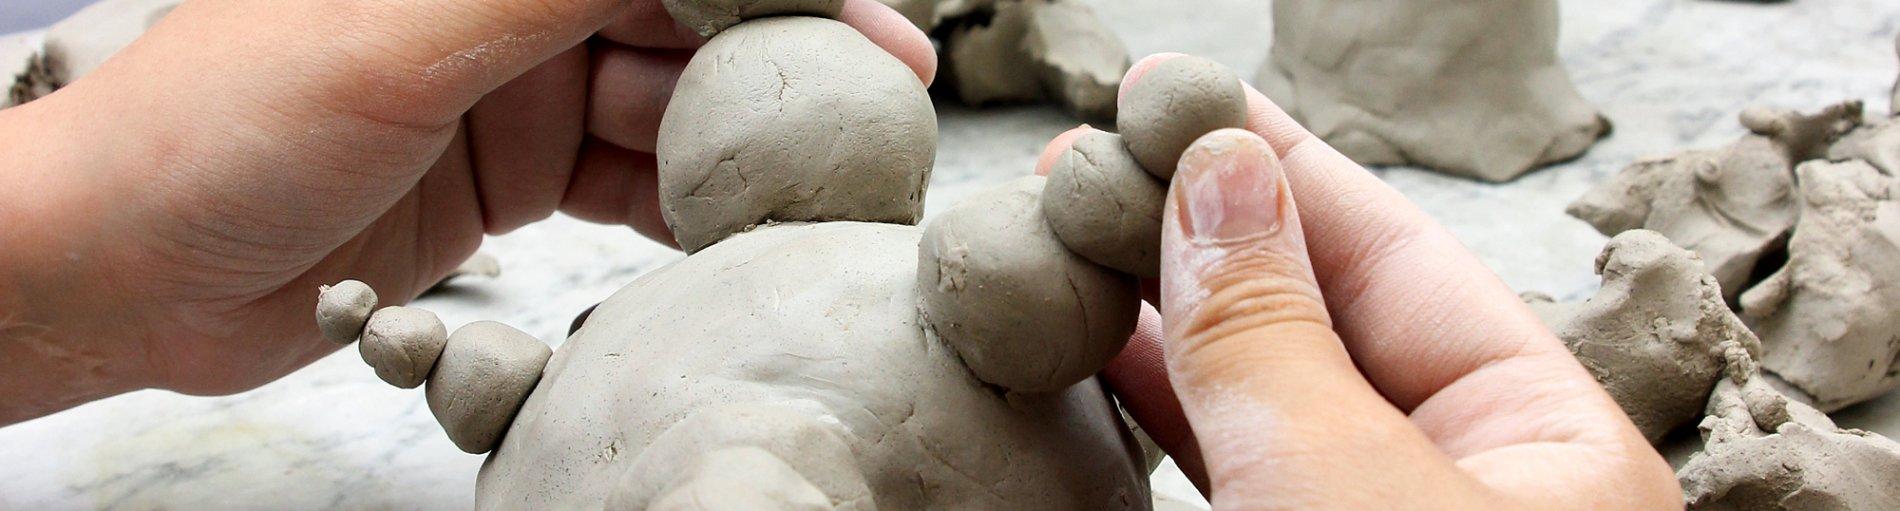 Kinderhände formen eine Figur aus Lehm.